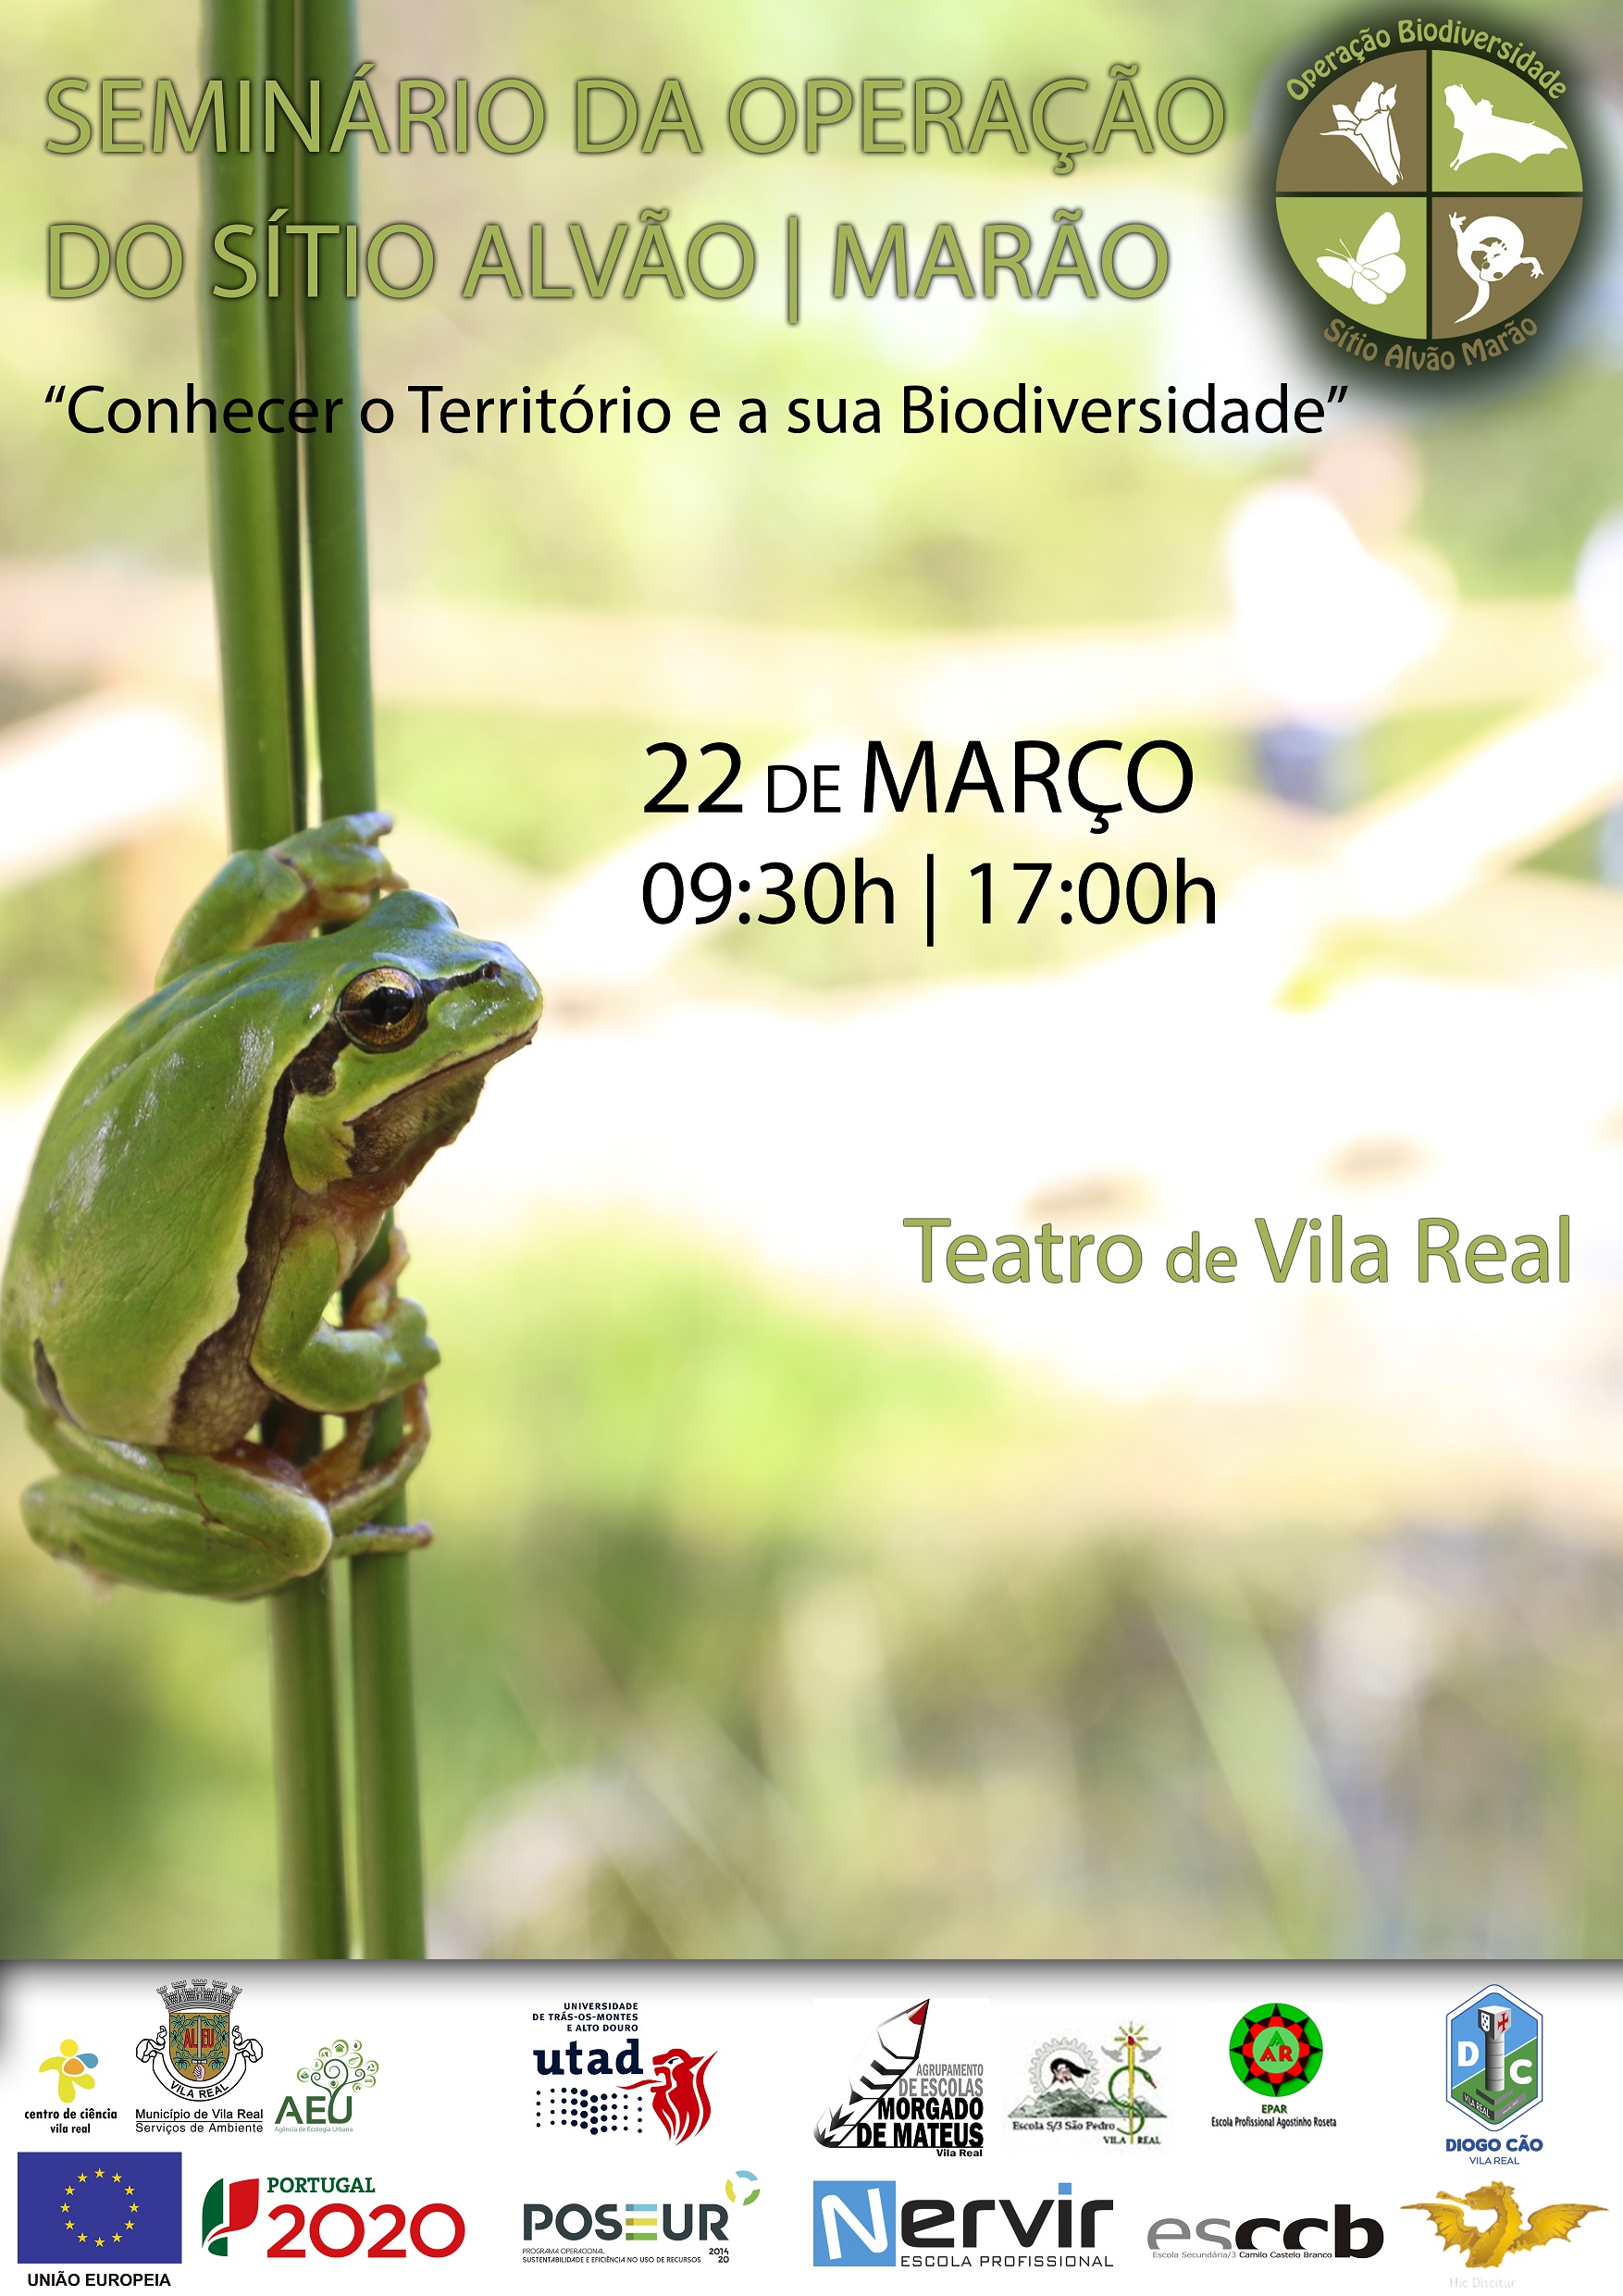 Seminário da Operação Biodiversidade do Sítio Alvão-Marão